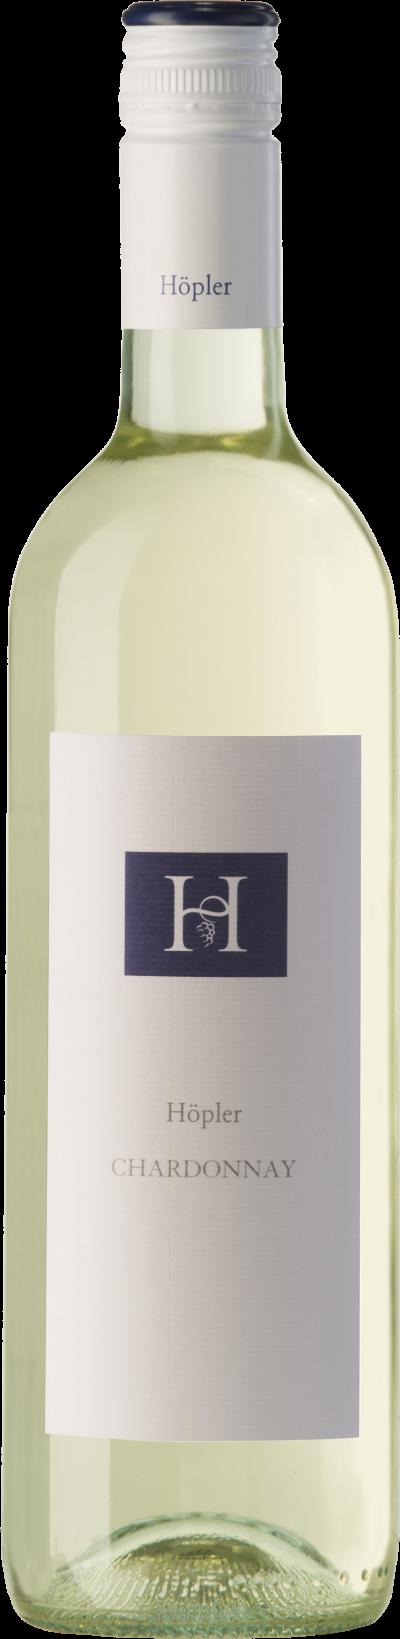 Höpler - Chardonnay